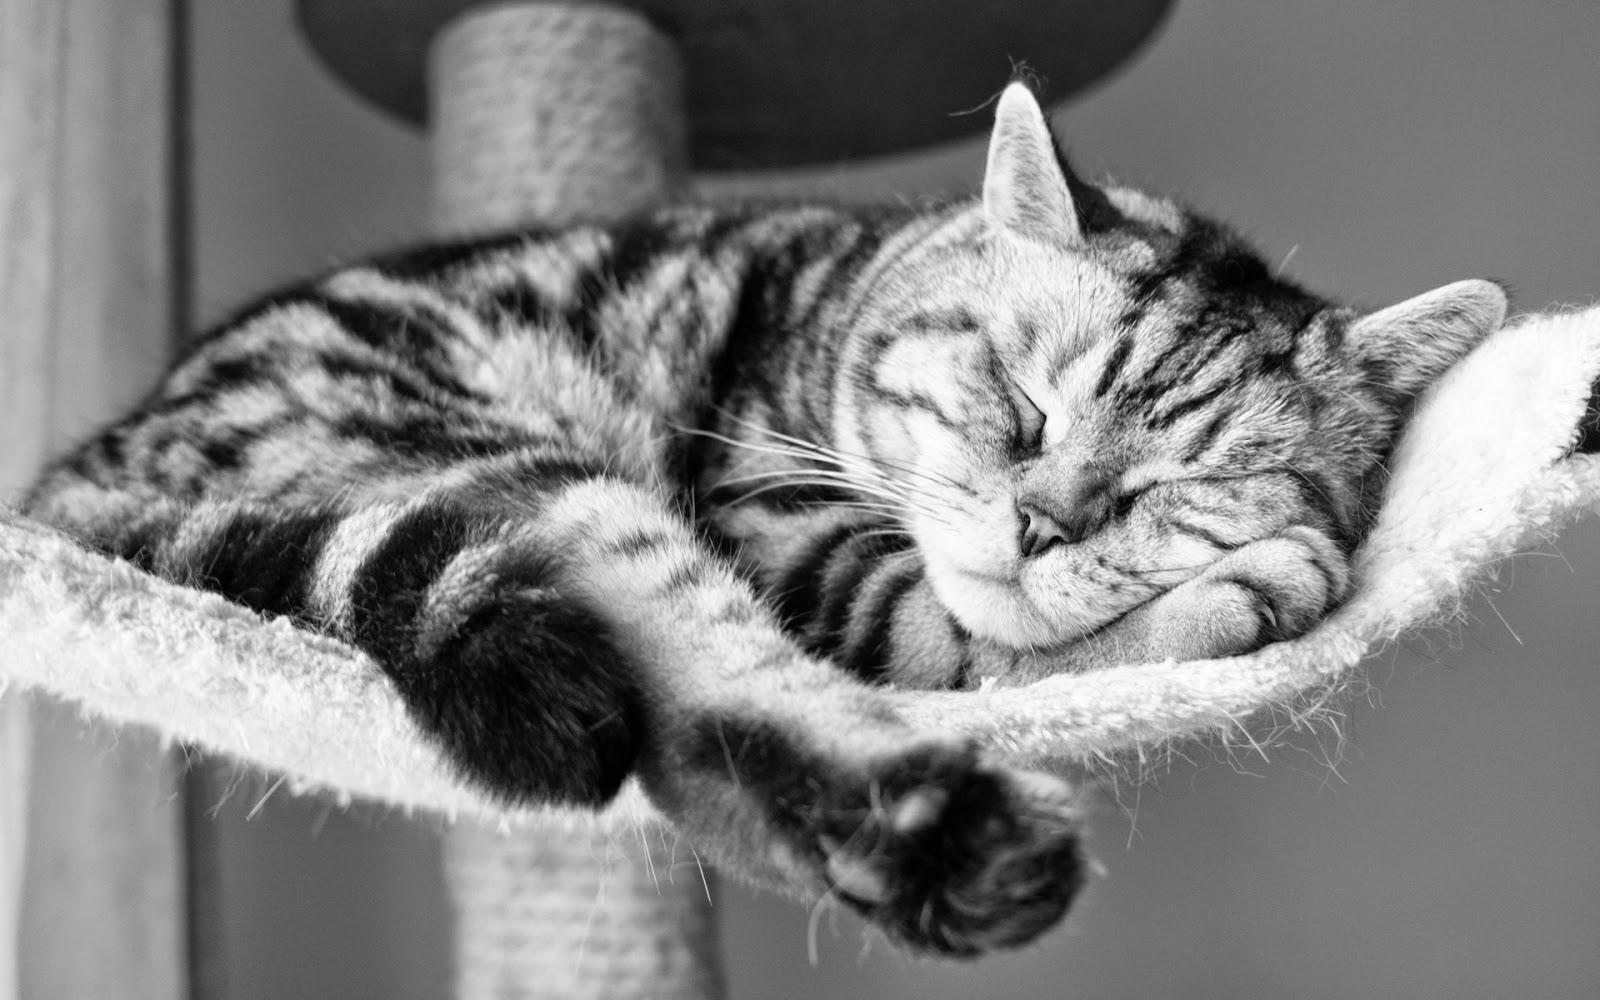 kebaikan tidur yang cukup